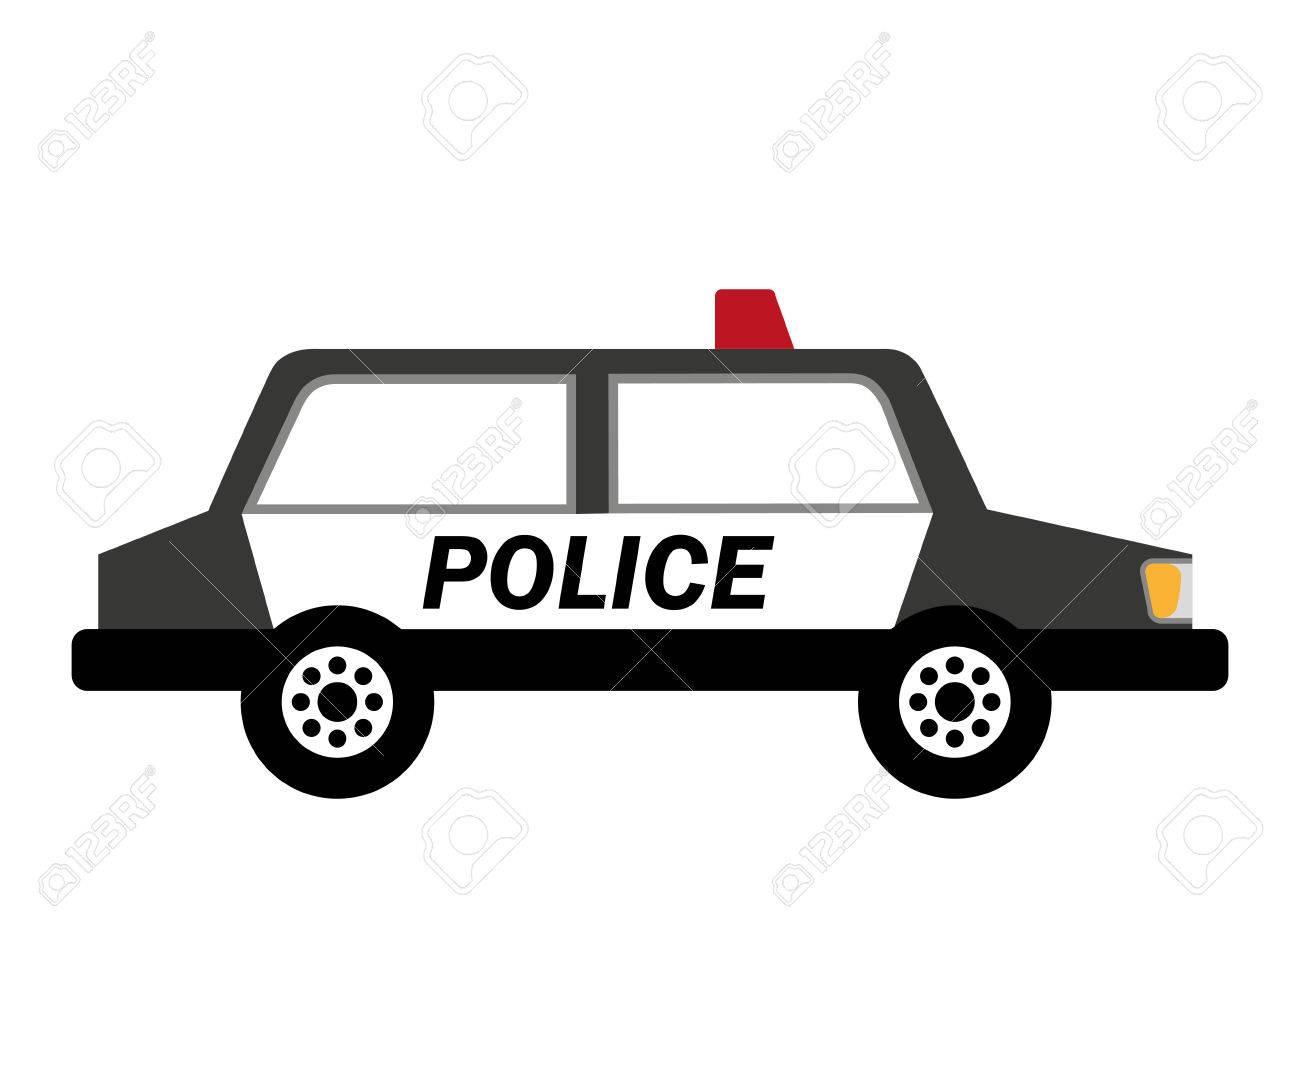 警察車のパトロールのアイコン ベクトル イラスト デザインのイラスト